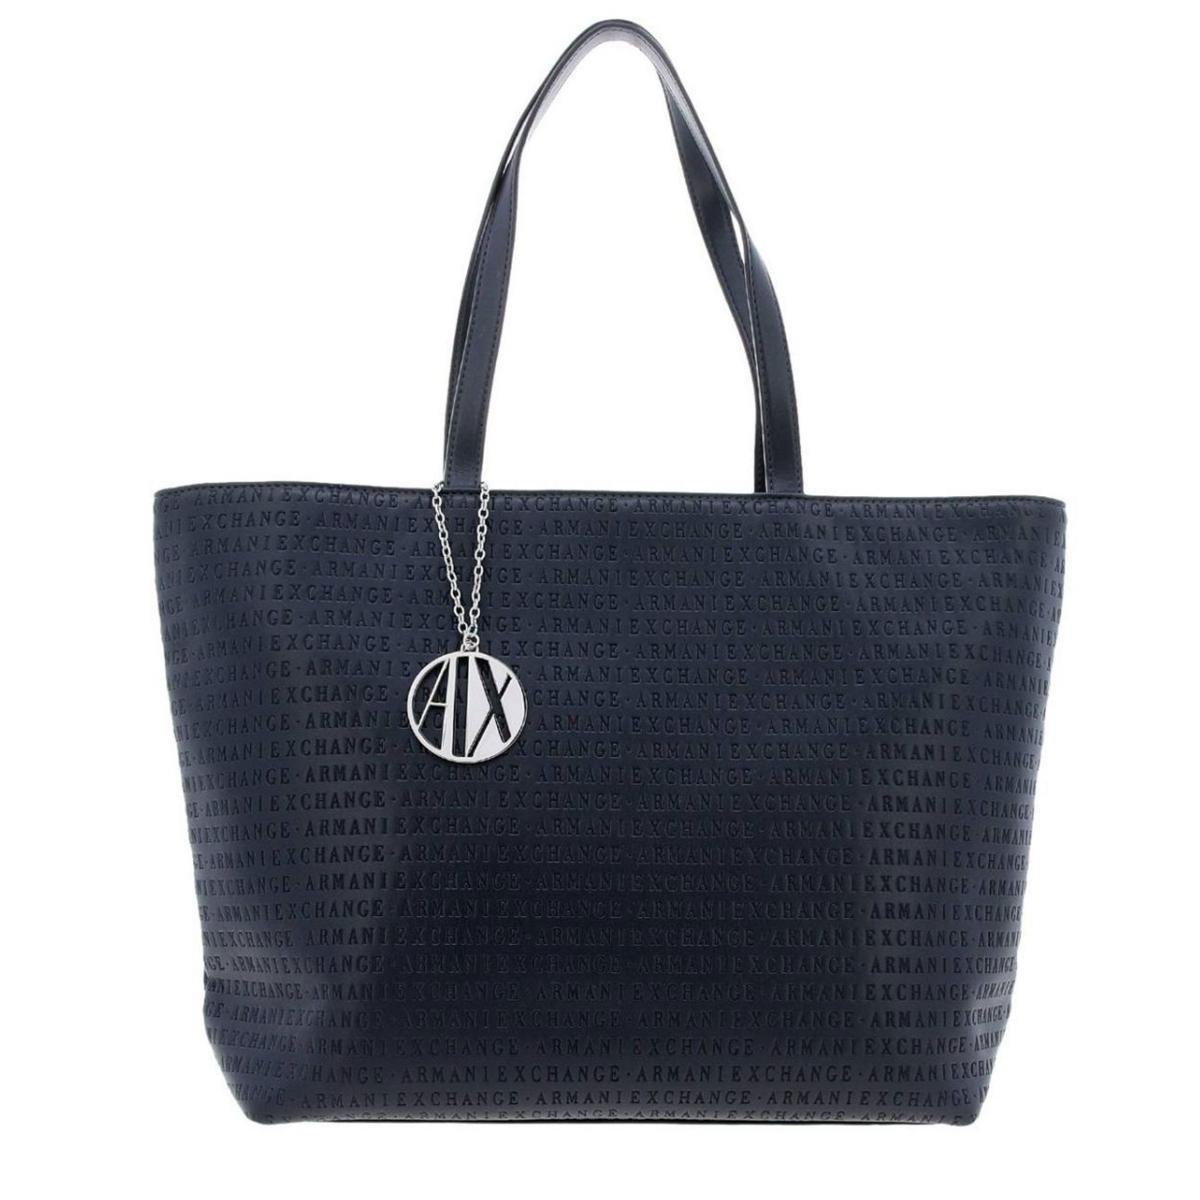 Borsa Armani Exchange Shopping con logo inciso all over da donna rif. 942426 CC714